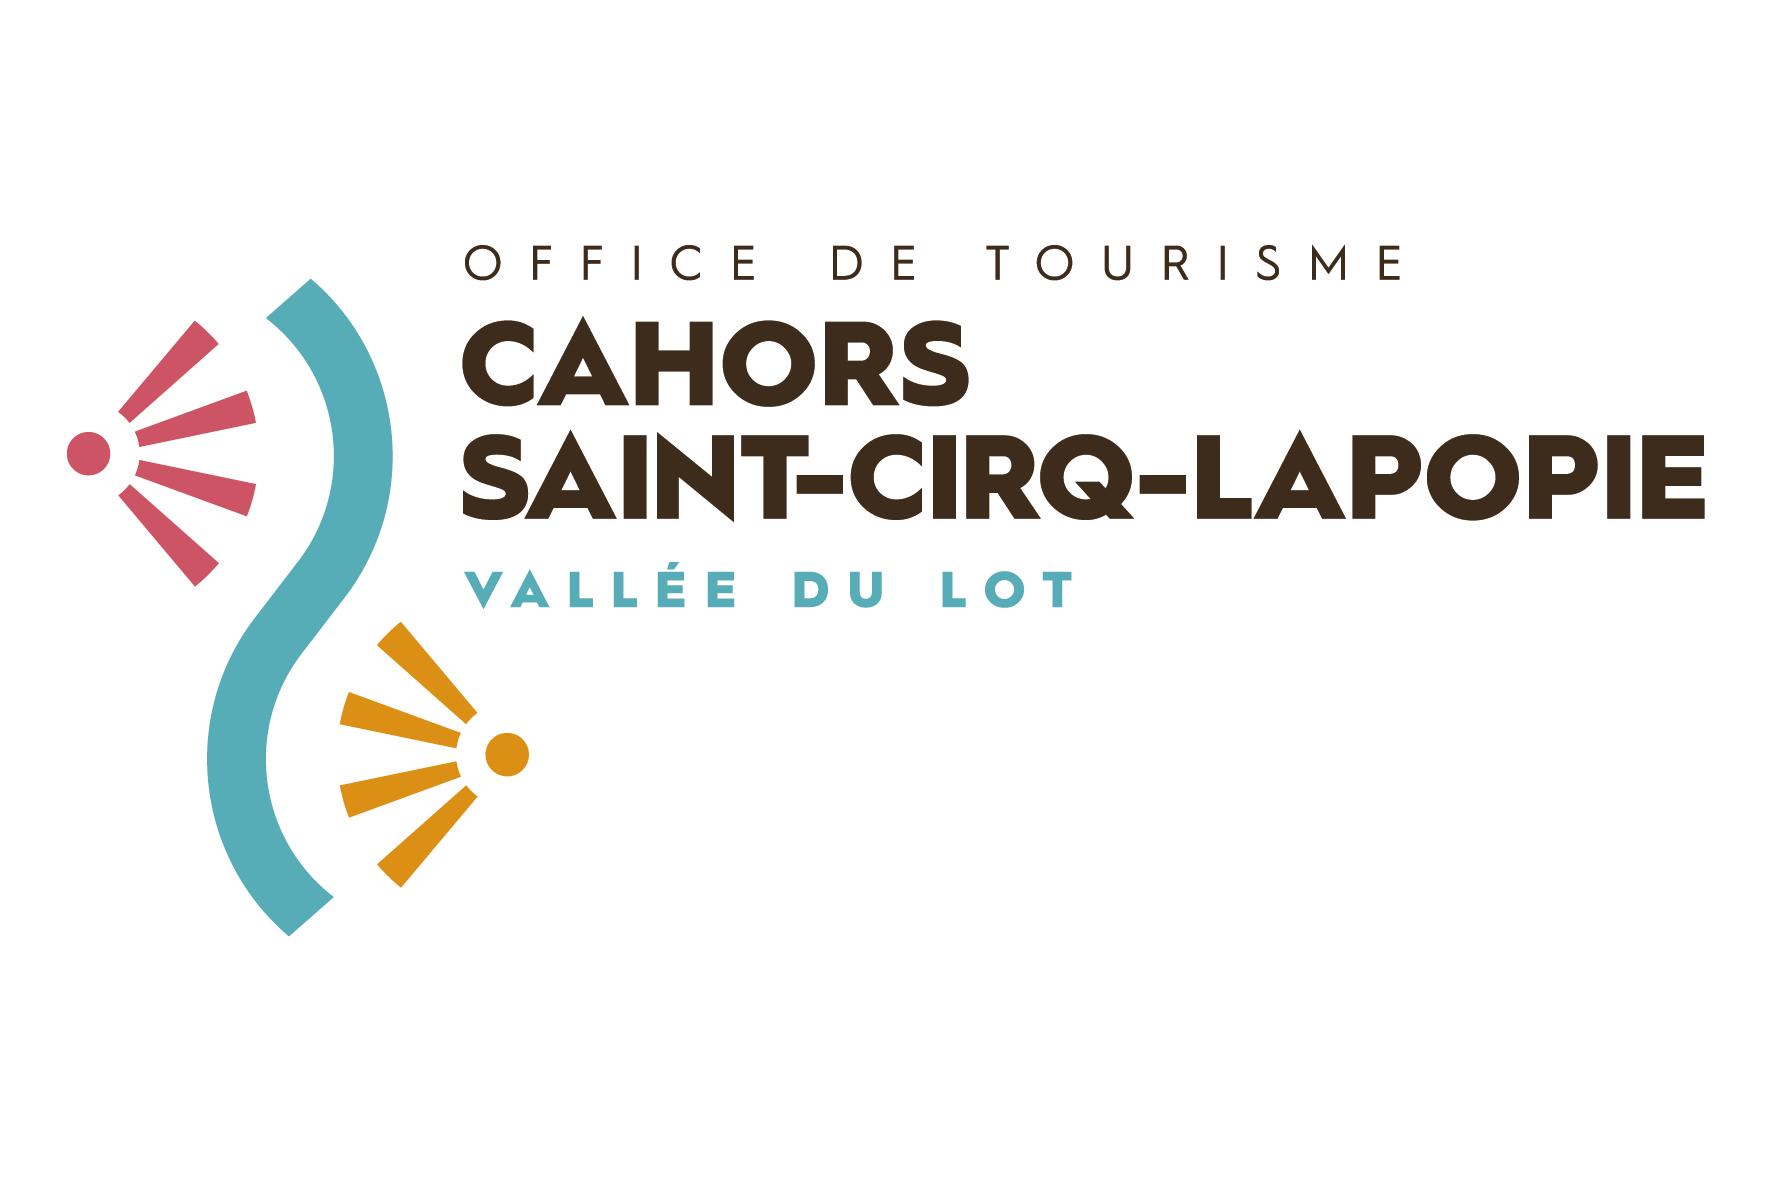 Office de tourisme Cahors Saint-Cirq-Lapopie vallée du lot classicofrenzy.com